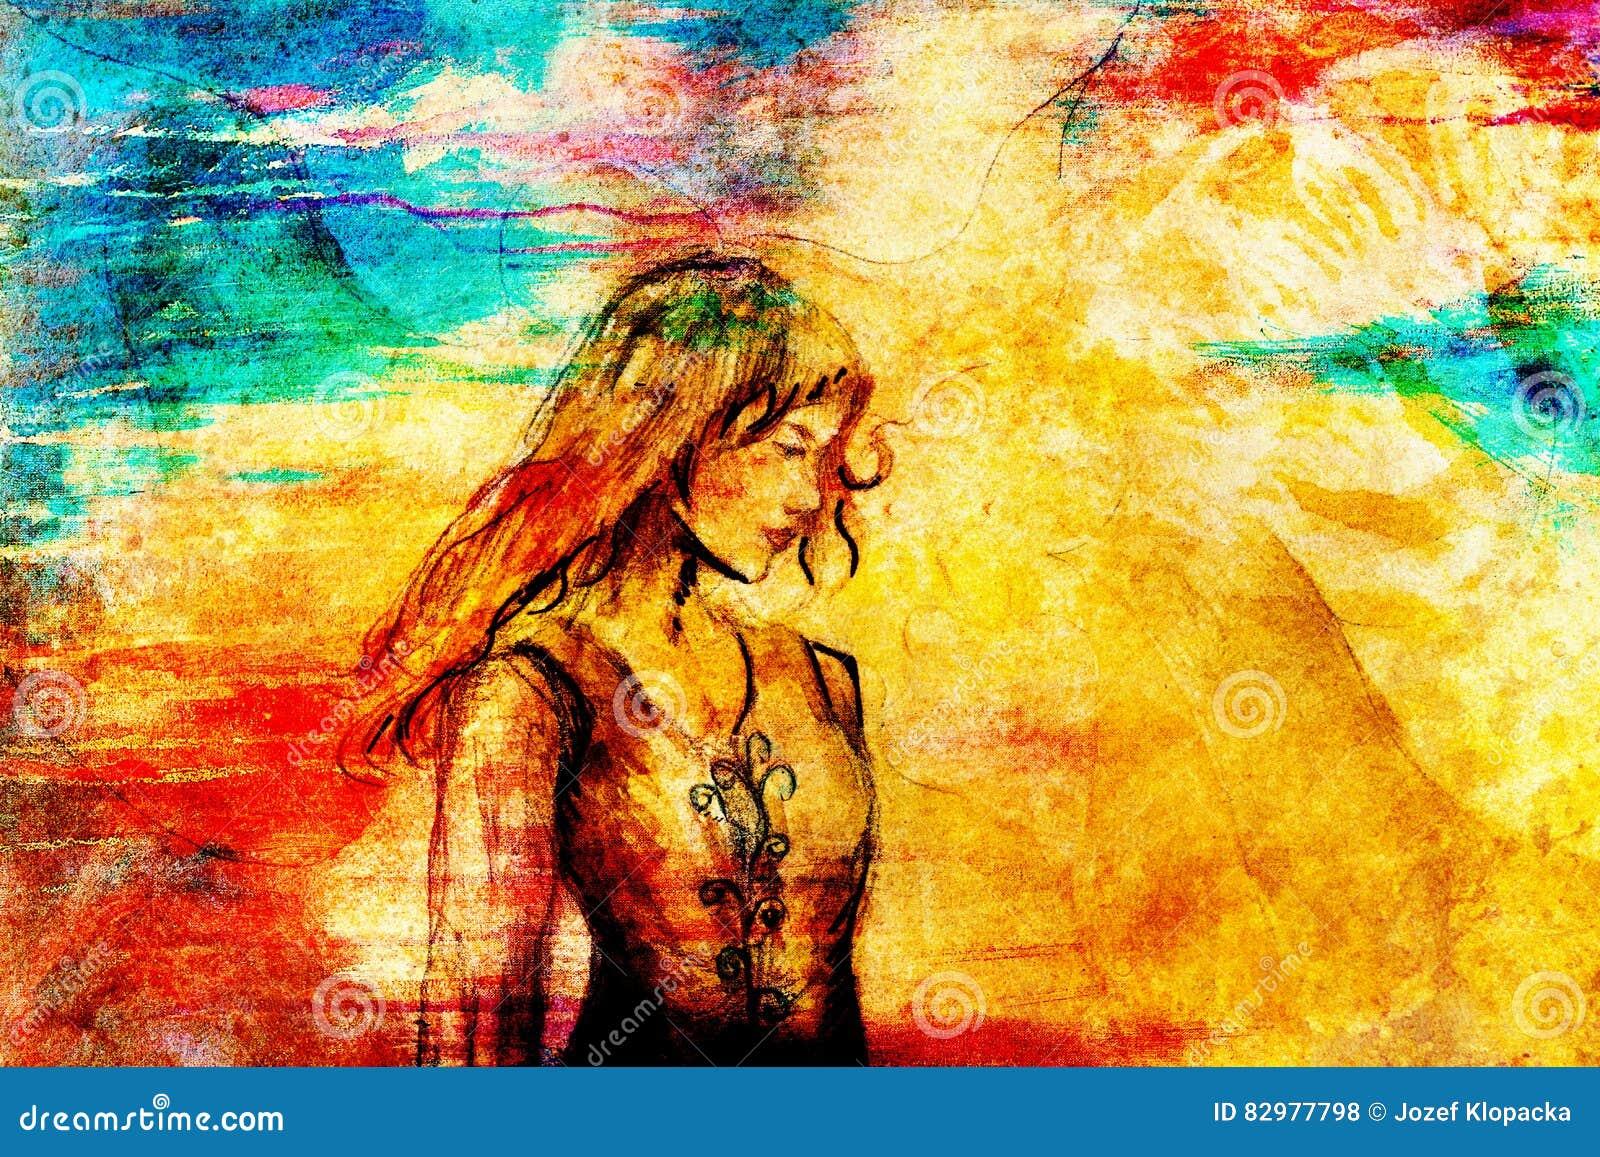 Σκίτσο της μυστικής γυναίκας στο όμορφο διακοσμητικό φόρεμα που εμπνέεται  από το σχέδιο Μεσαίωνα 375911f9e45